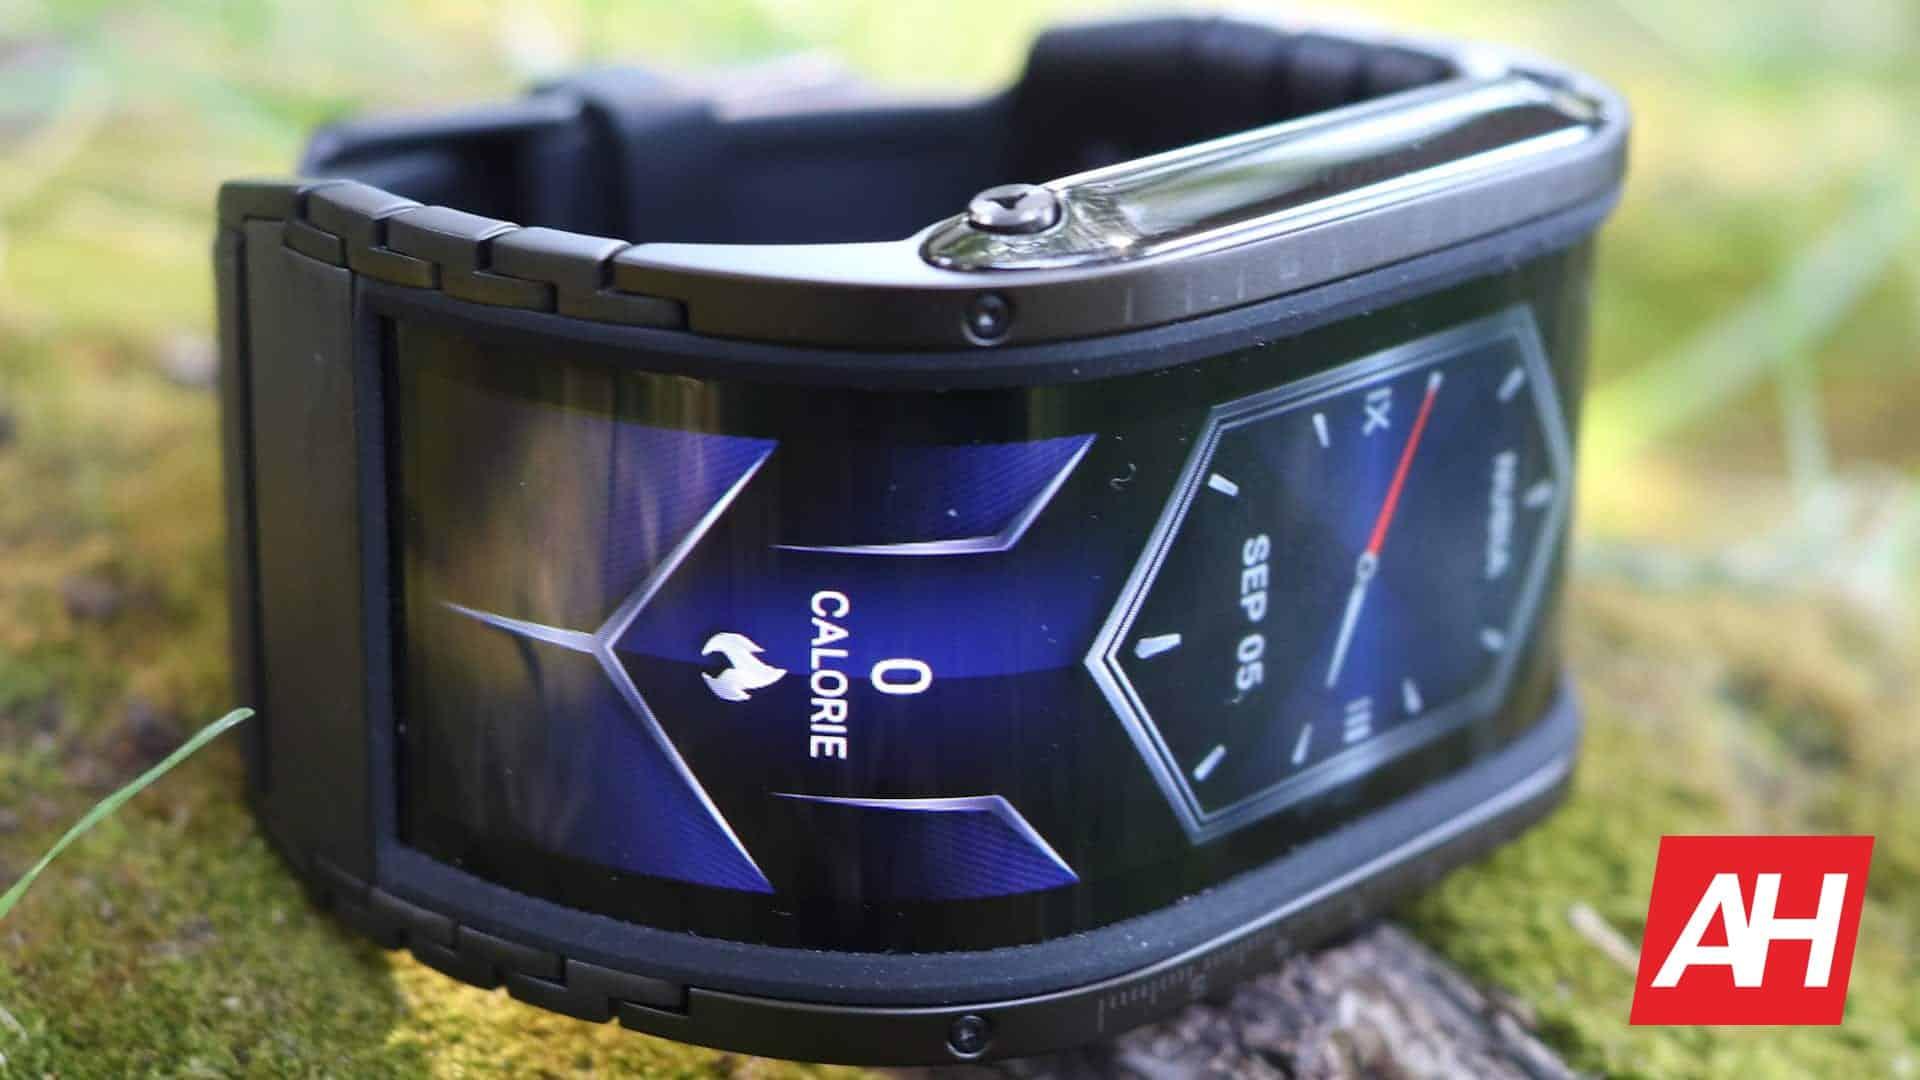 02 Nubia Watch Review Display DG AH 2020